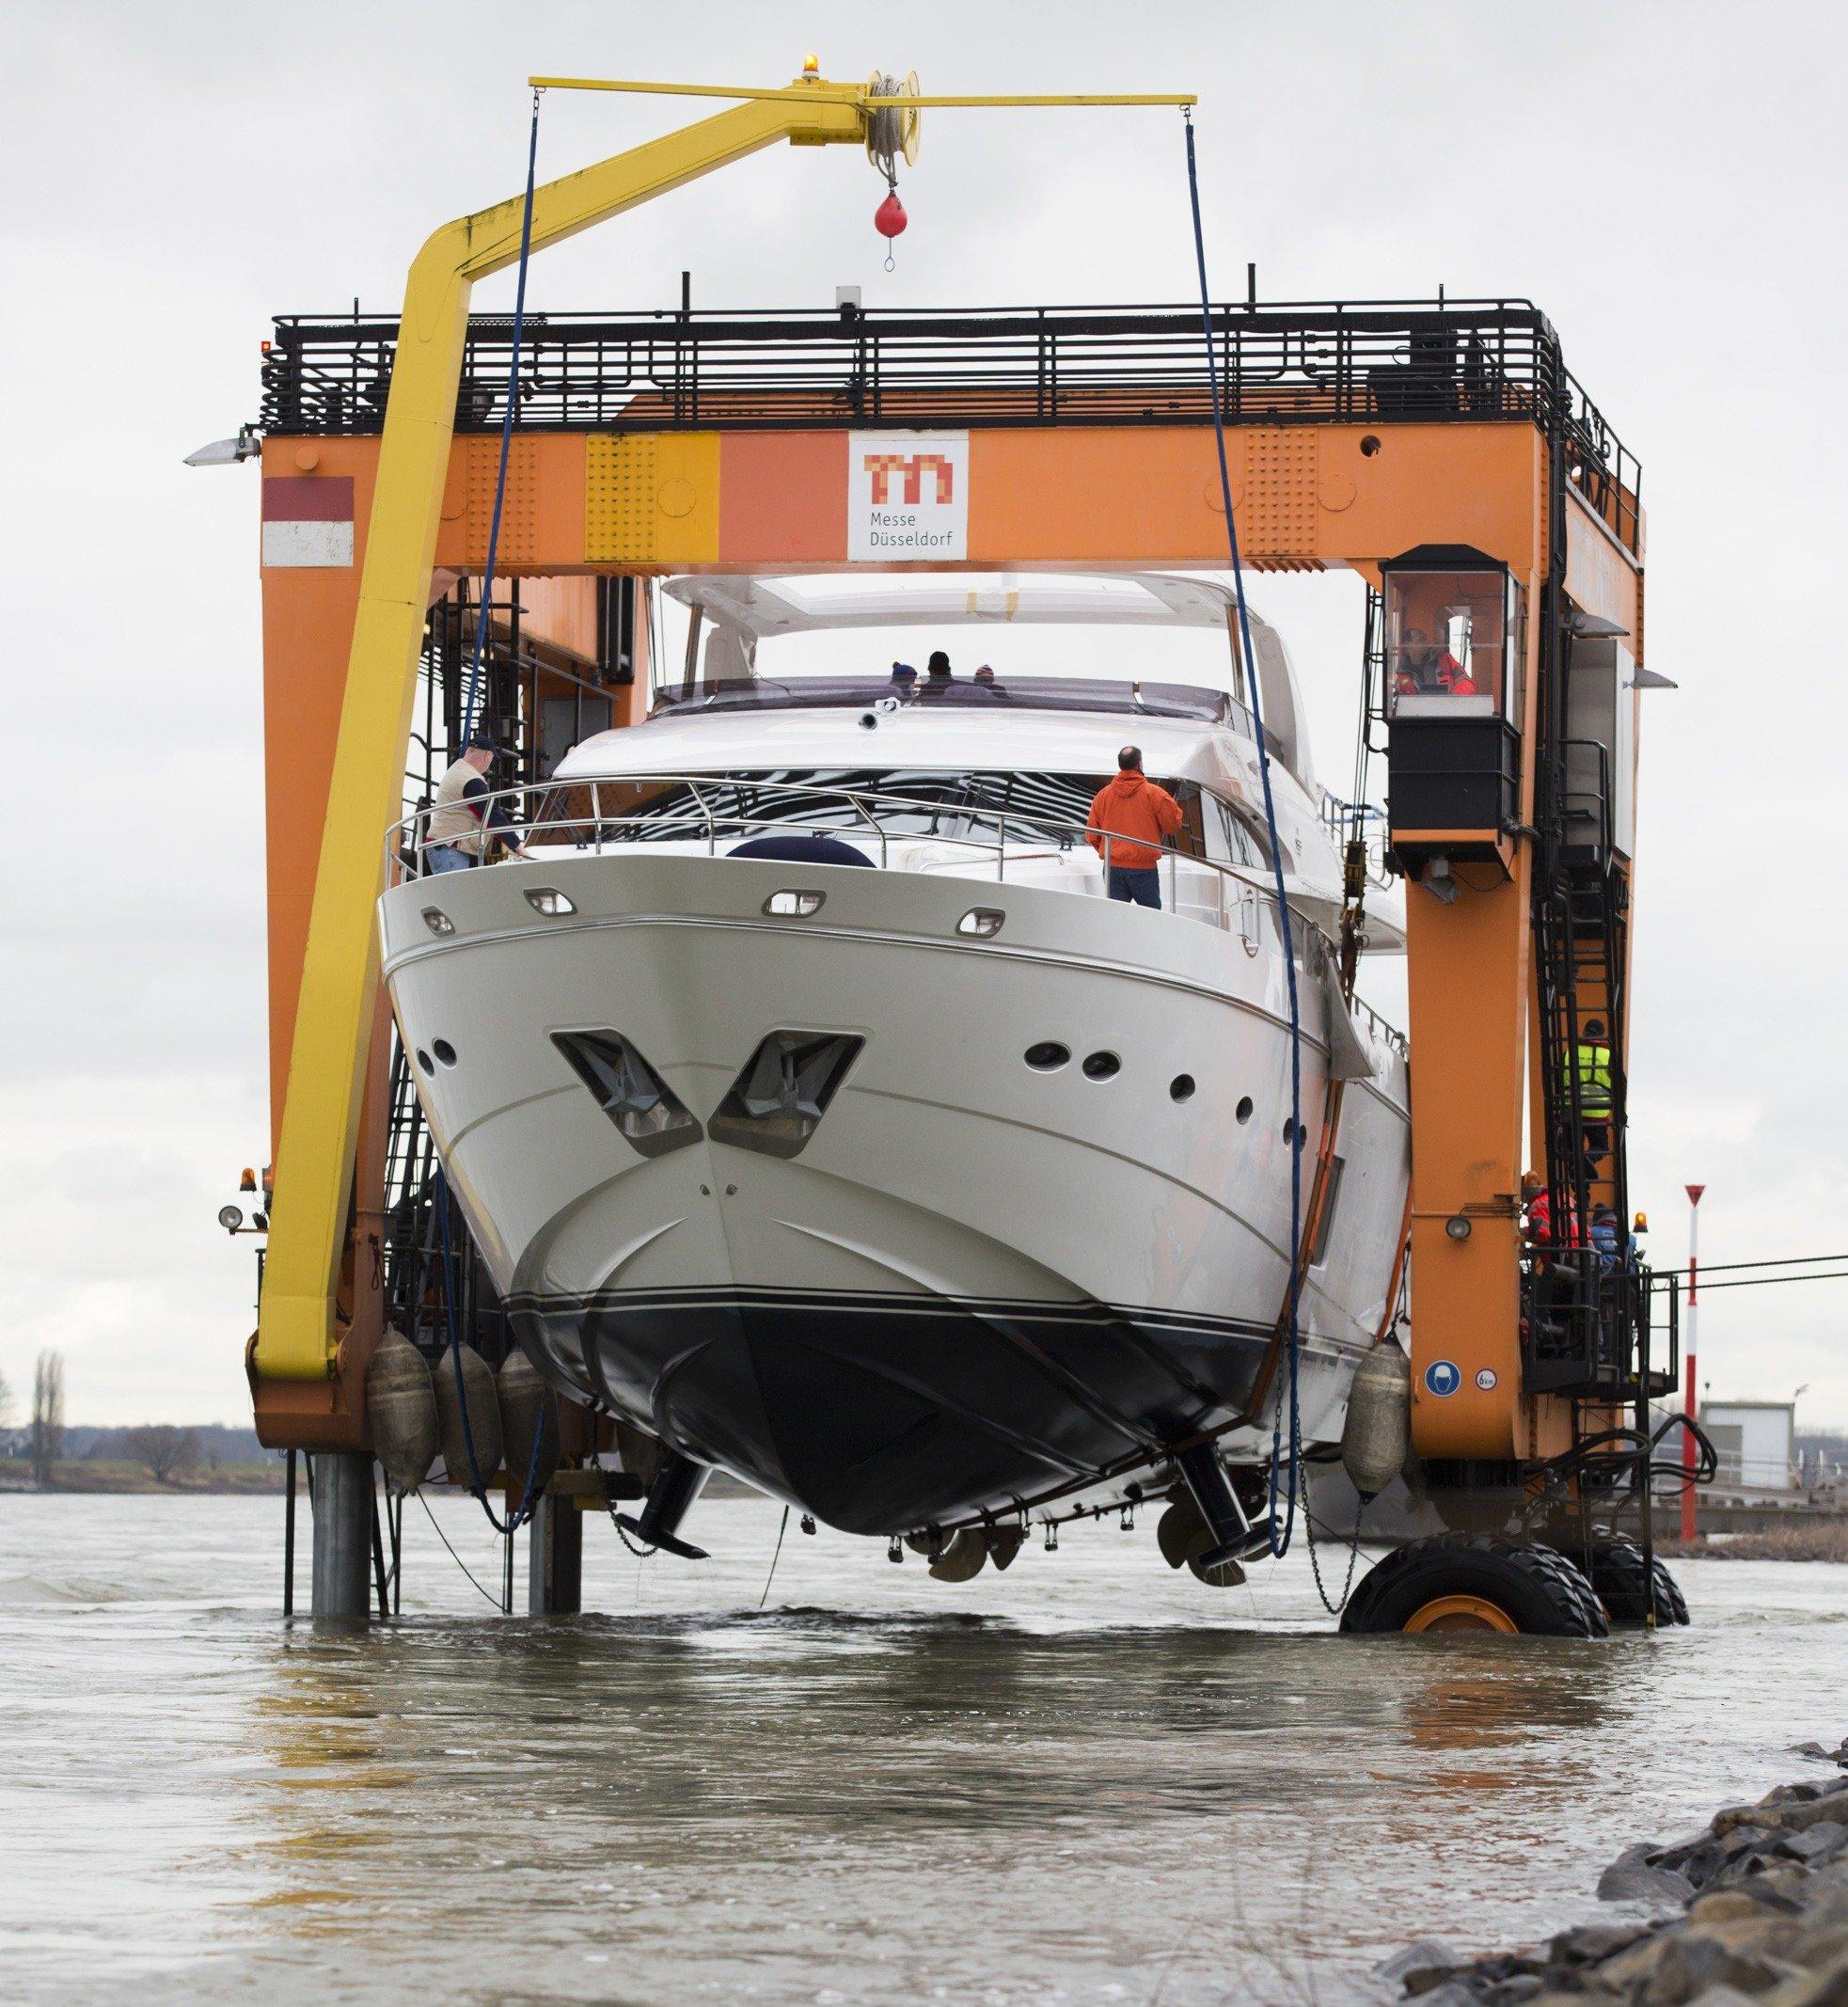 Der Schiffslift Big Willi hebt alle Boote aus dem Wasser, die über den Rhein nach Düsseldorf zur Boot schippern. Zunächst fixiert der Lift die Schiffe und rollt dann hoch an Land, um die Yachten dann auf Tieflader zu heben. Dabei ist Willi ein Kraftprotz. Auch das größte Schiff der Boot, die fast 100 Tonnen schwere Princess 98 MY war dem Schiffslift nicht zu schwer.